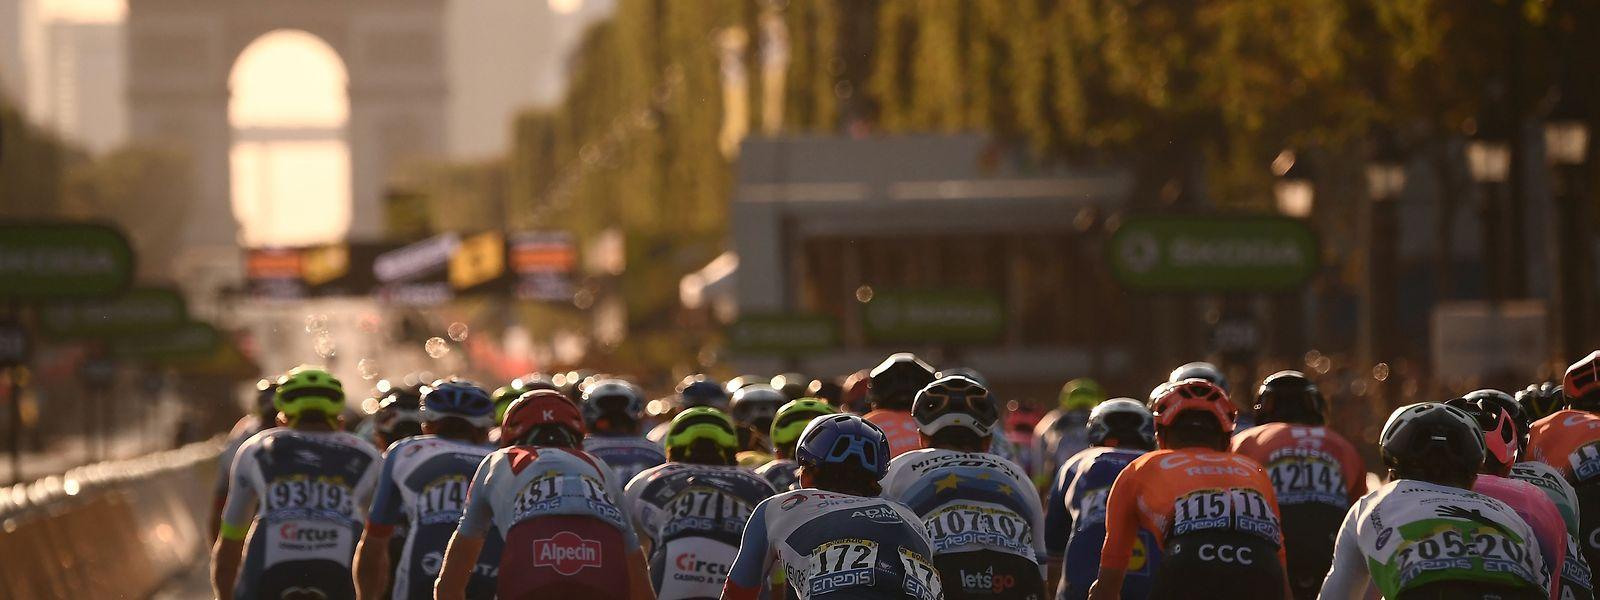 L'arrivée sur les Champs-Elysées aura lieu le dimanche 20 septembre